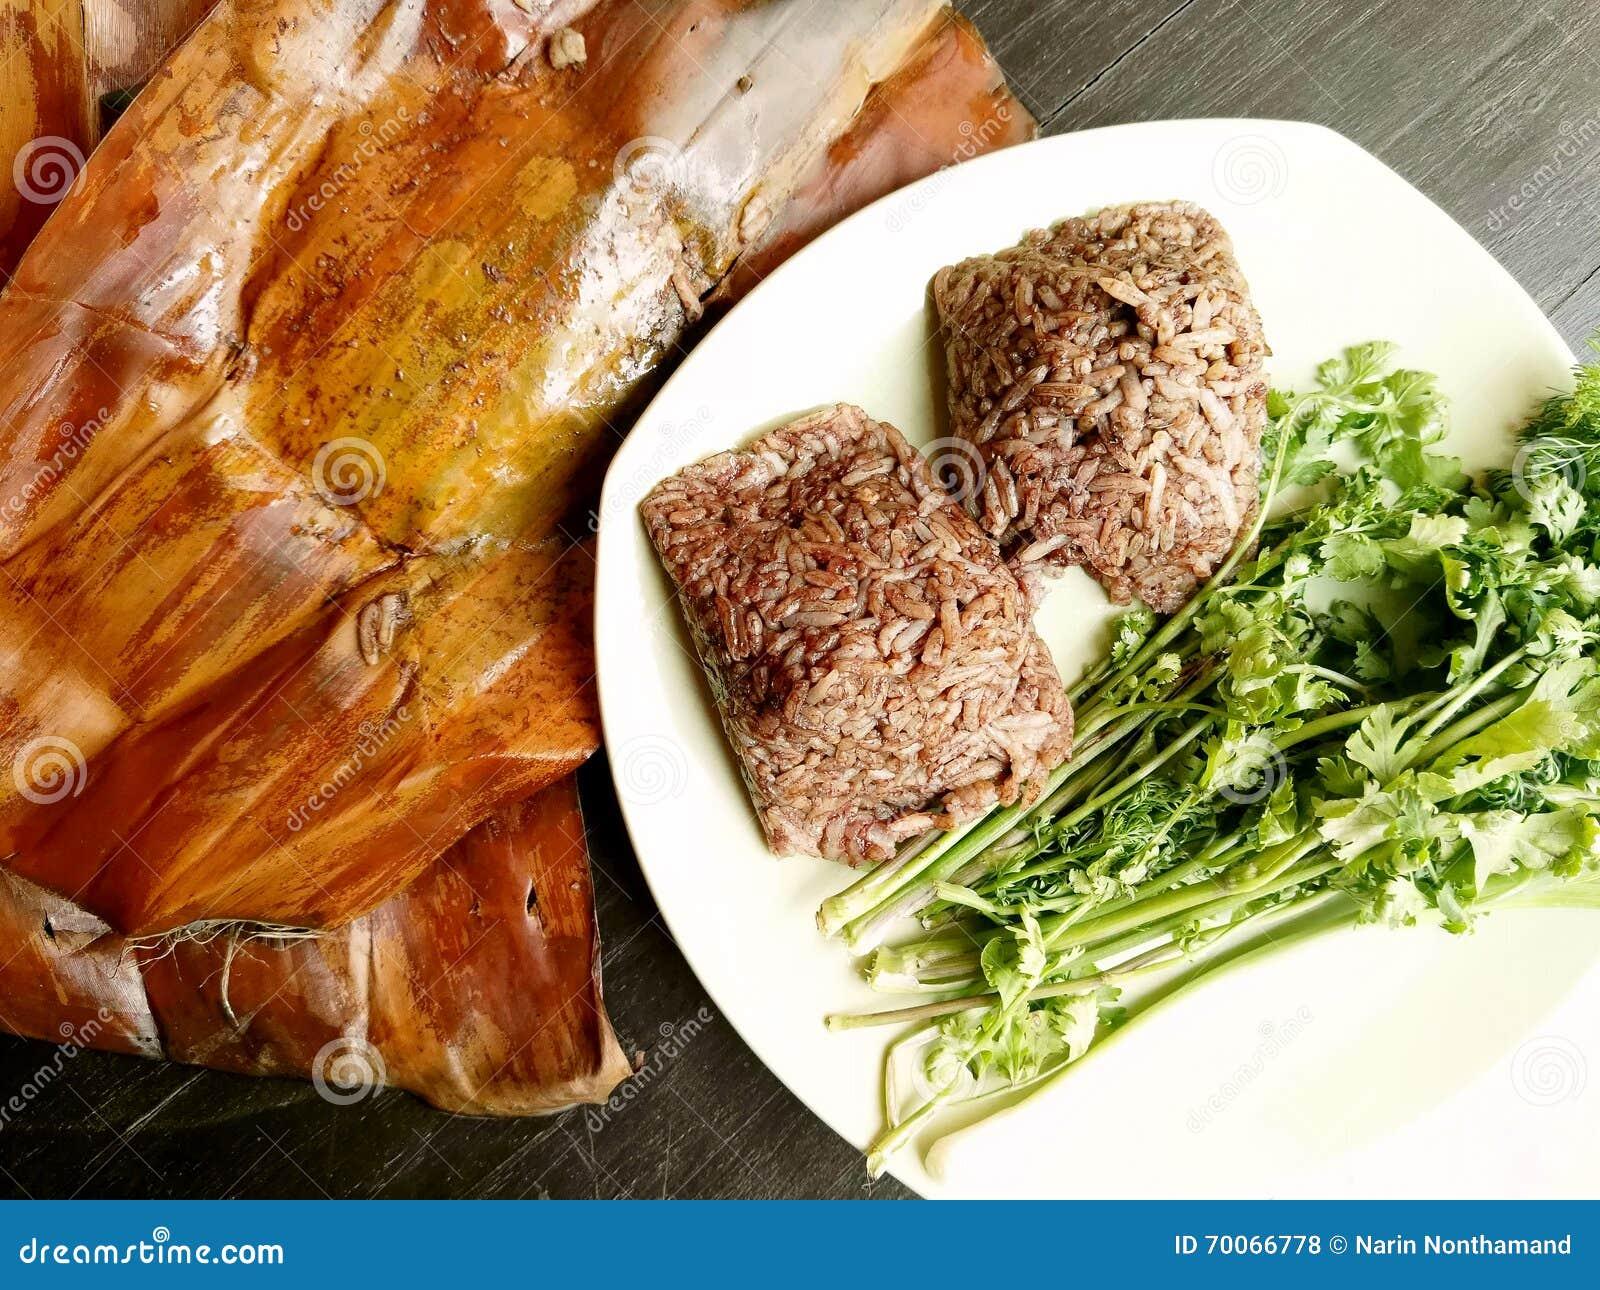 Barbilla kan de Khao, comida del norte local de Tailandia del arroz que se mezcla con sangre de cerdo y se cuece al vapor dentro